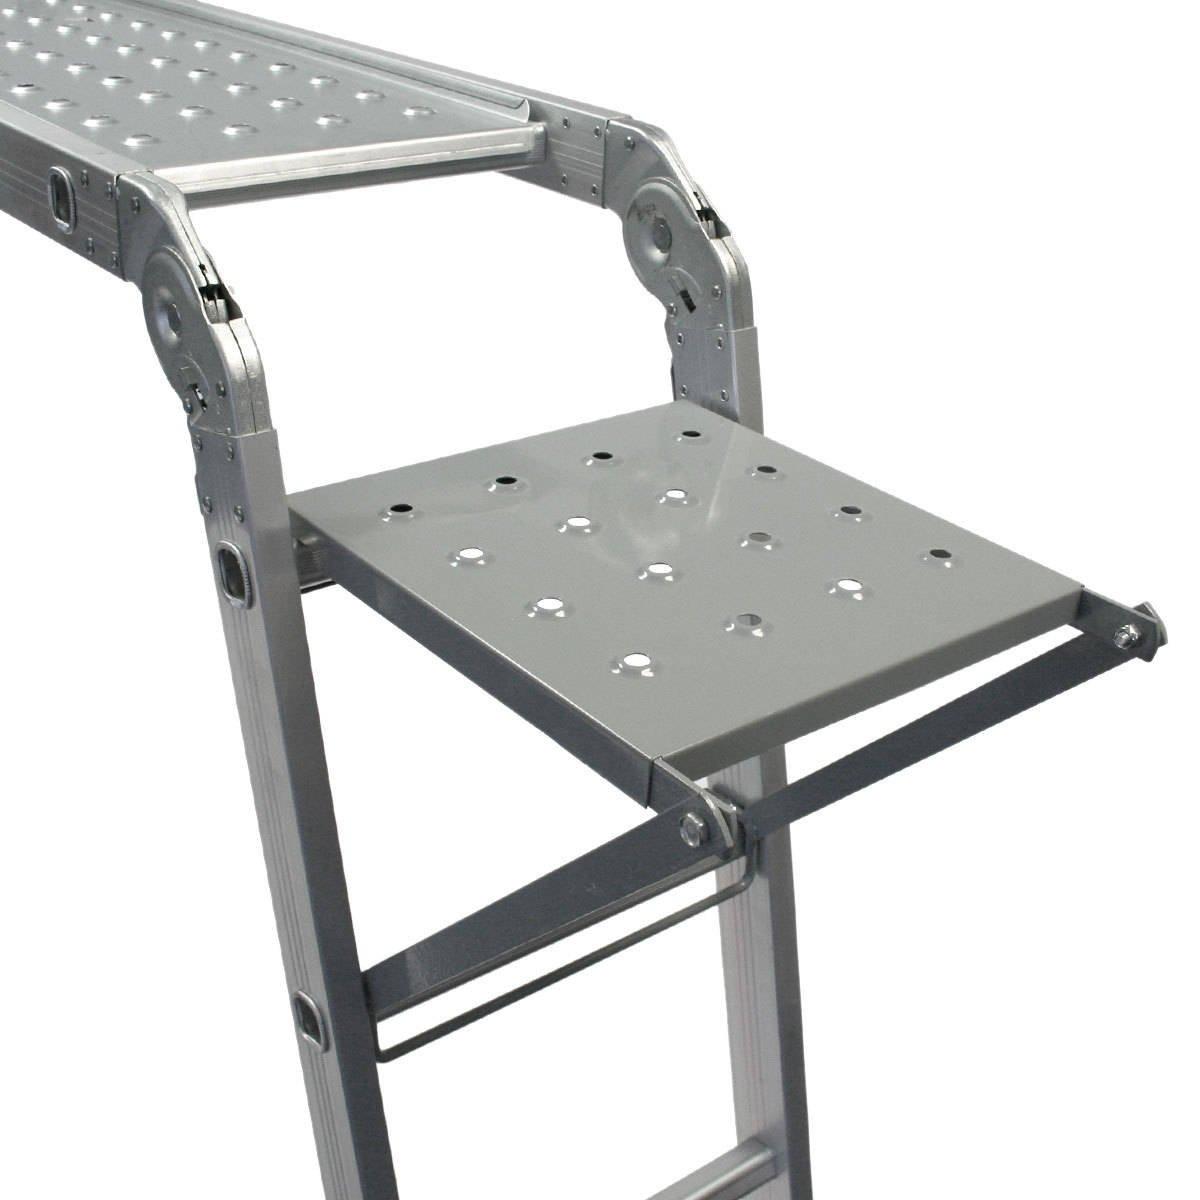 Keraiz 14-in-1 Klappleiter hergestellt nach EN131 Teil 1 und 2 Spezifikationen 4,7 m mit 2 Ger/üst-Arbeitsplatten und 1 Werkzeugablage